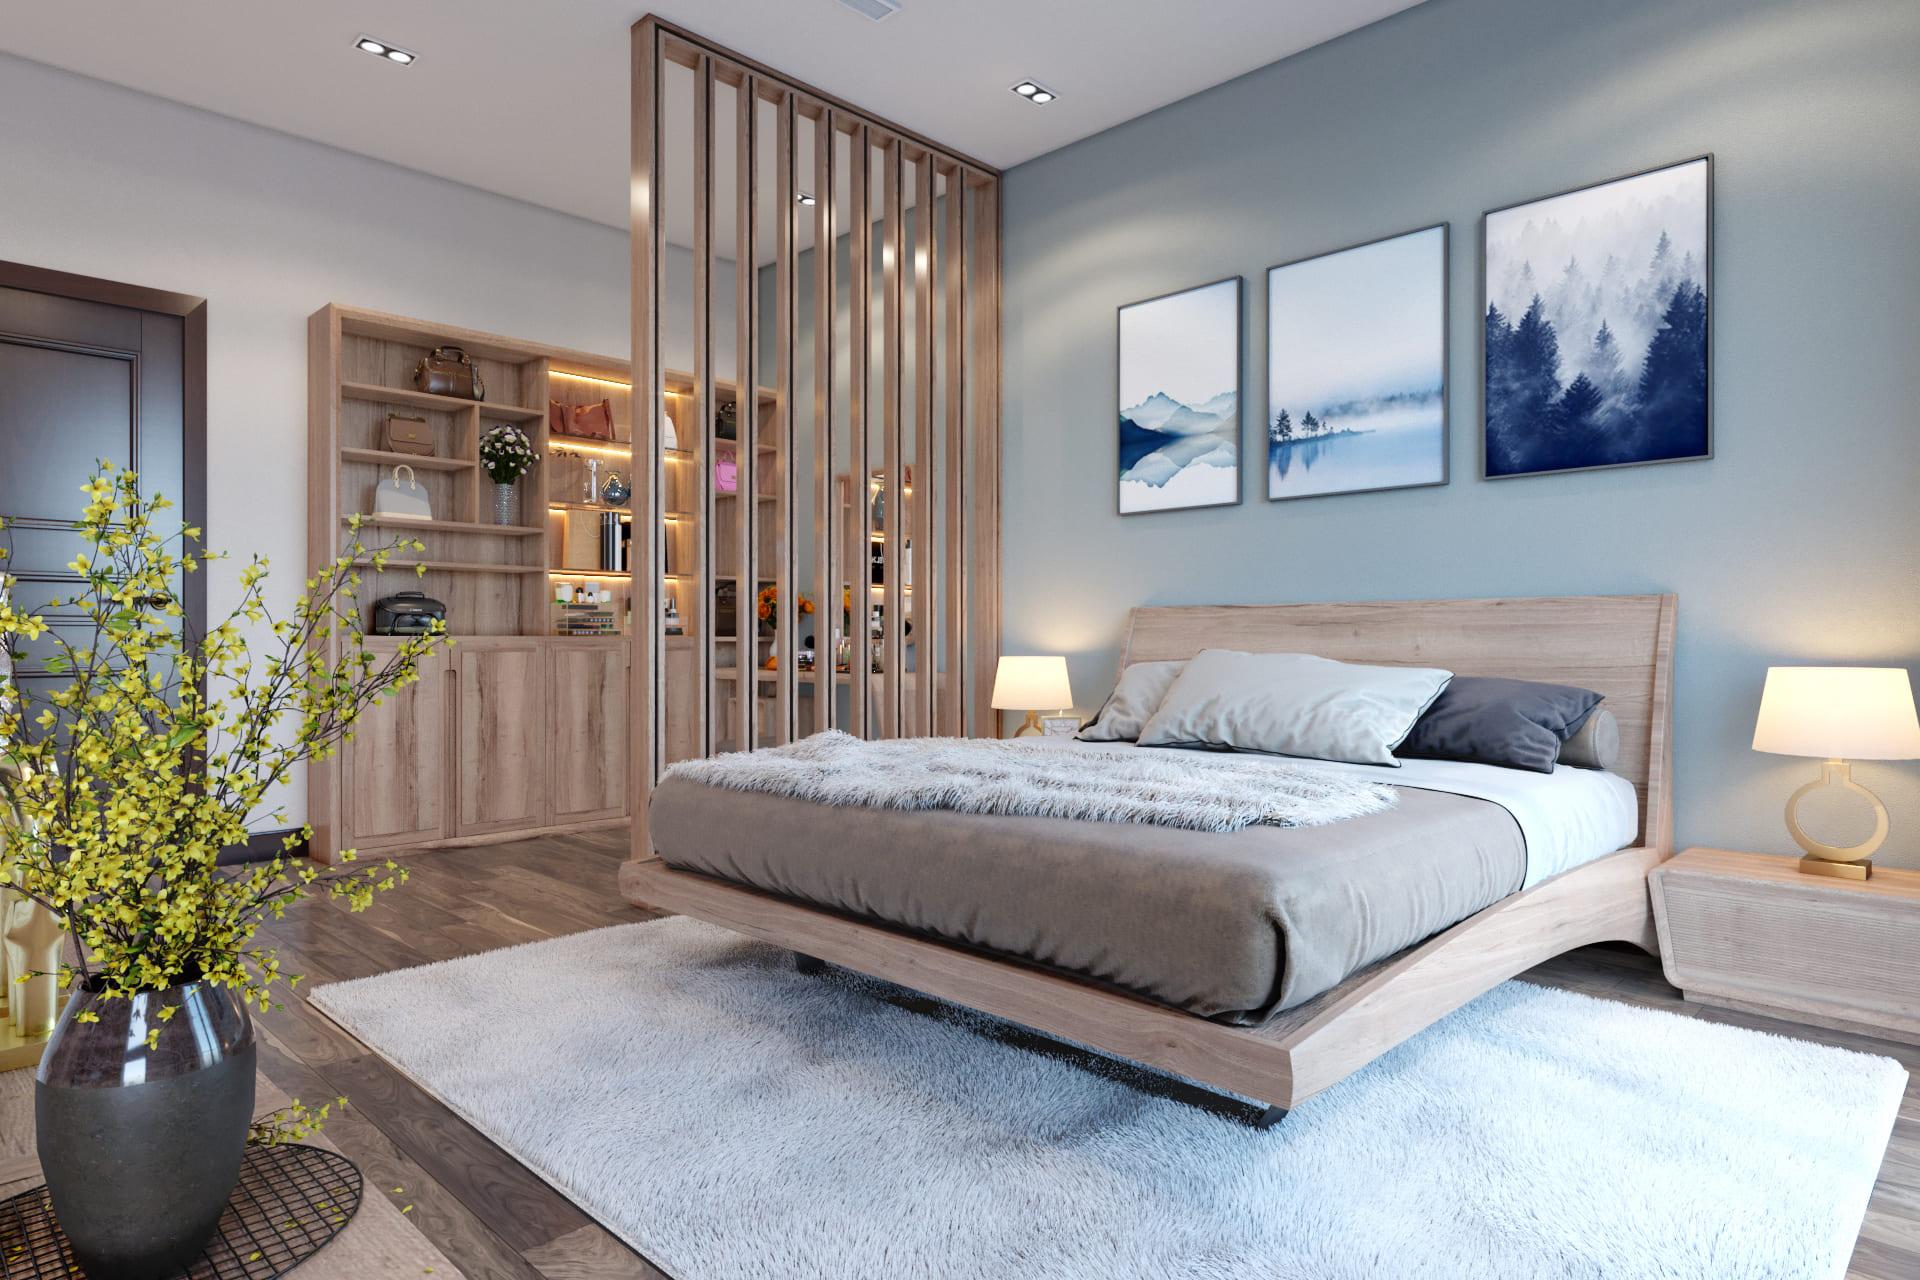 thiết kế nội thất biệt thự phòng ngủ